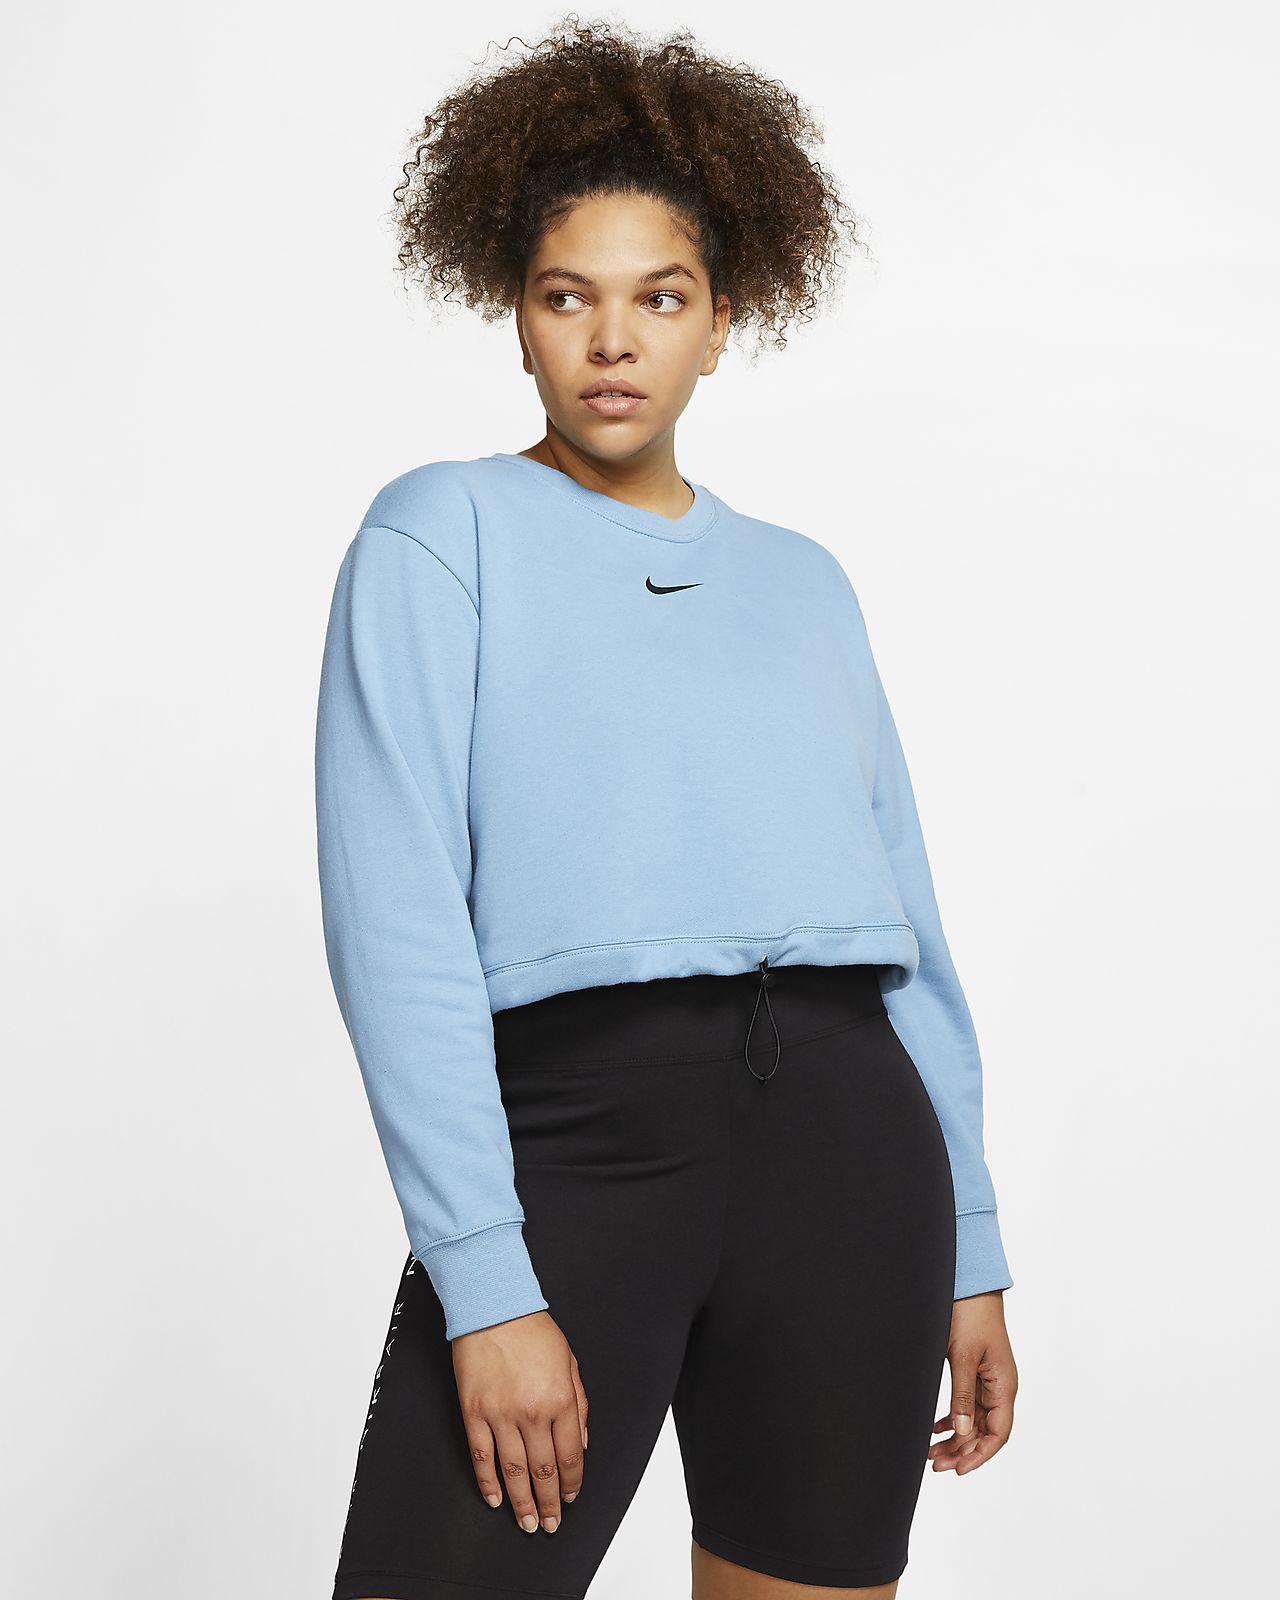 Nike Sportswear Damen Rundhalsshirt (große Größe)